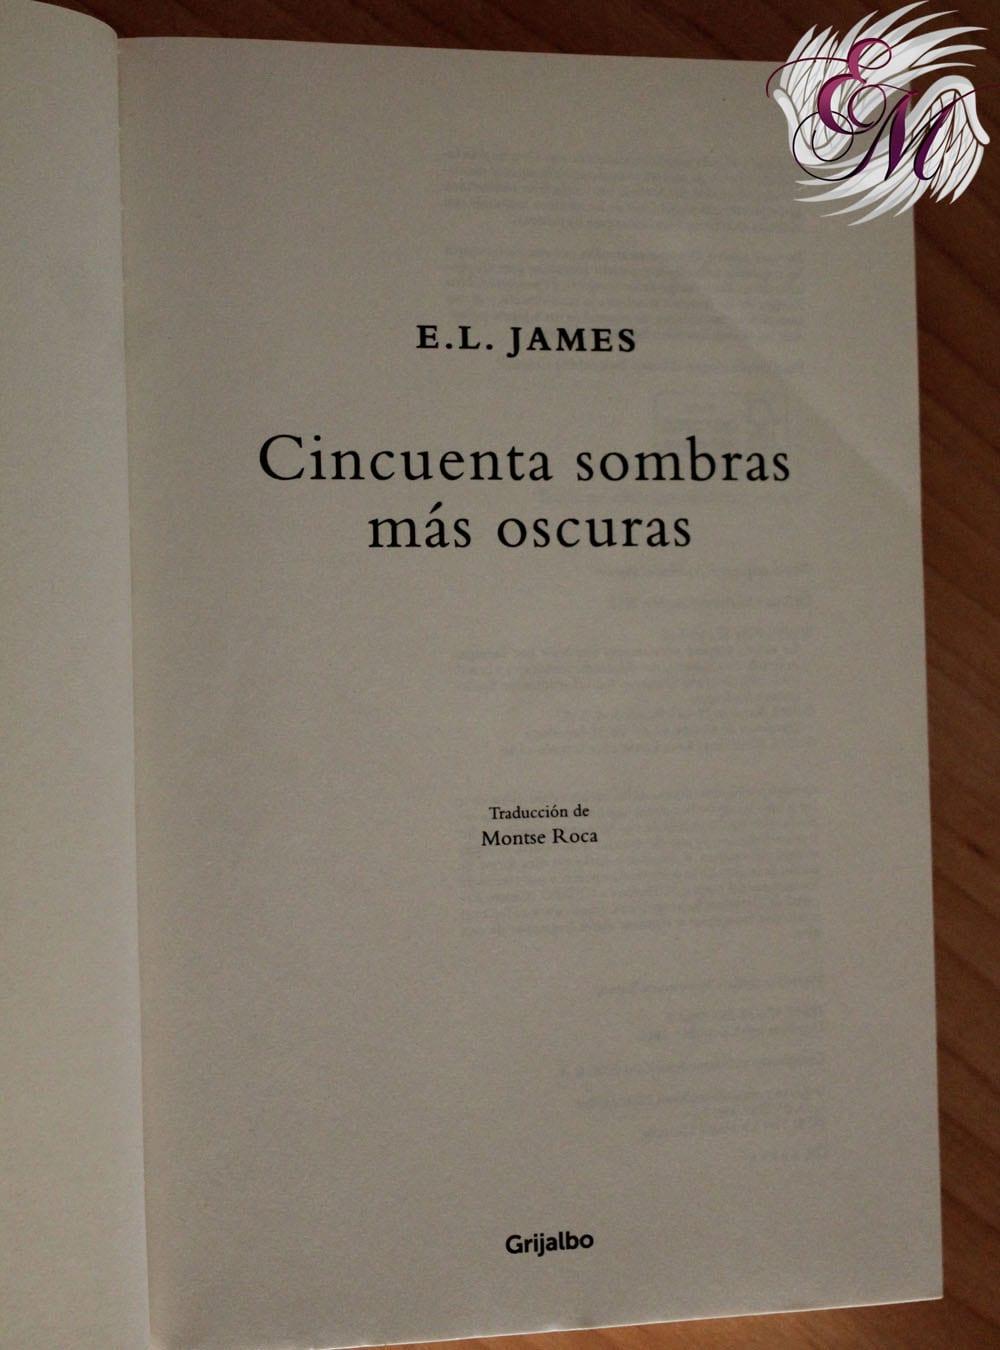 Cincuenta sombras más oscuras, E.L.James - Reseña